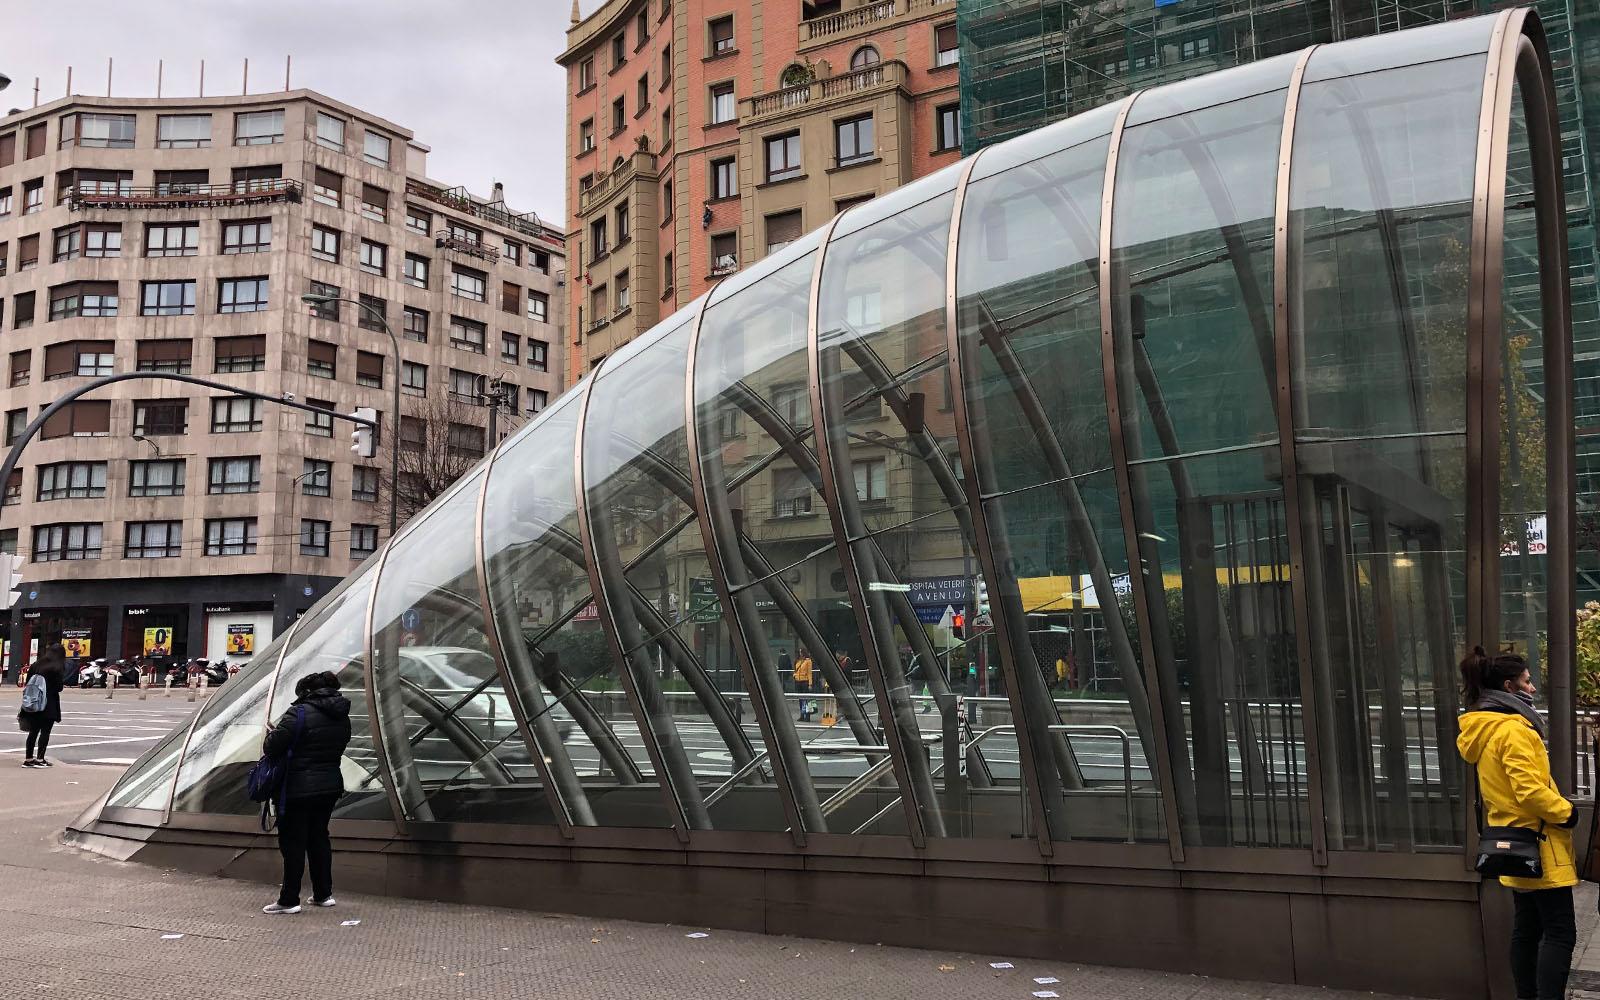 La metropolitana di Bilbao, progettata da Foster.